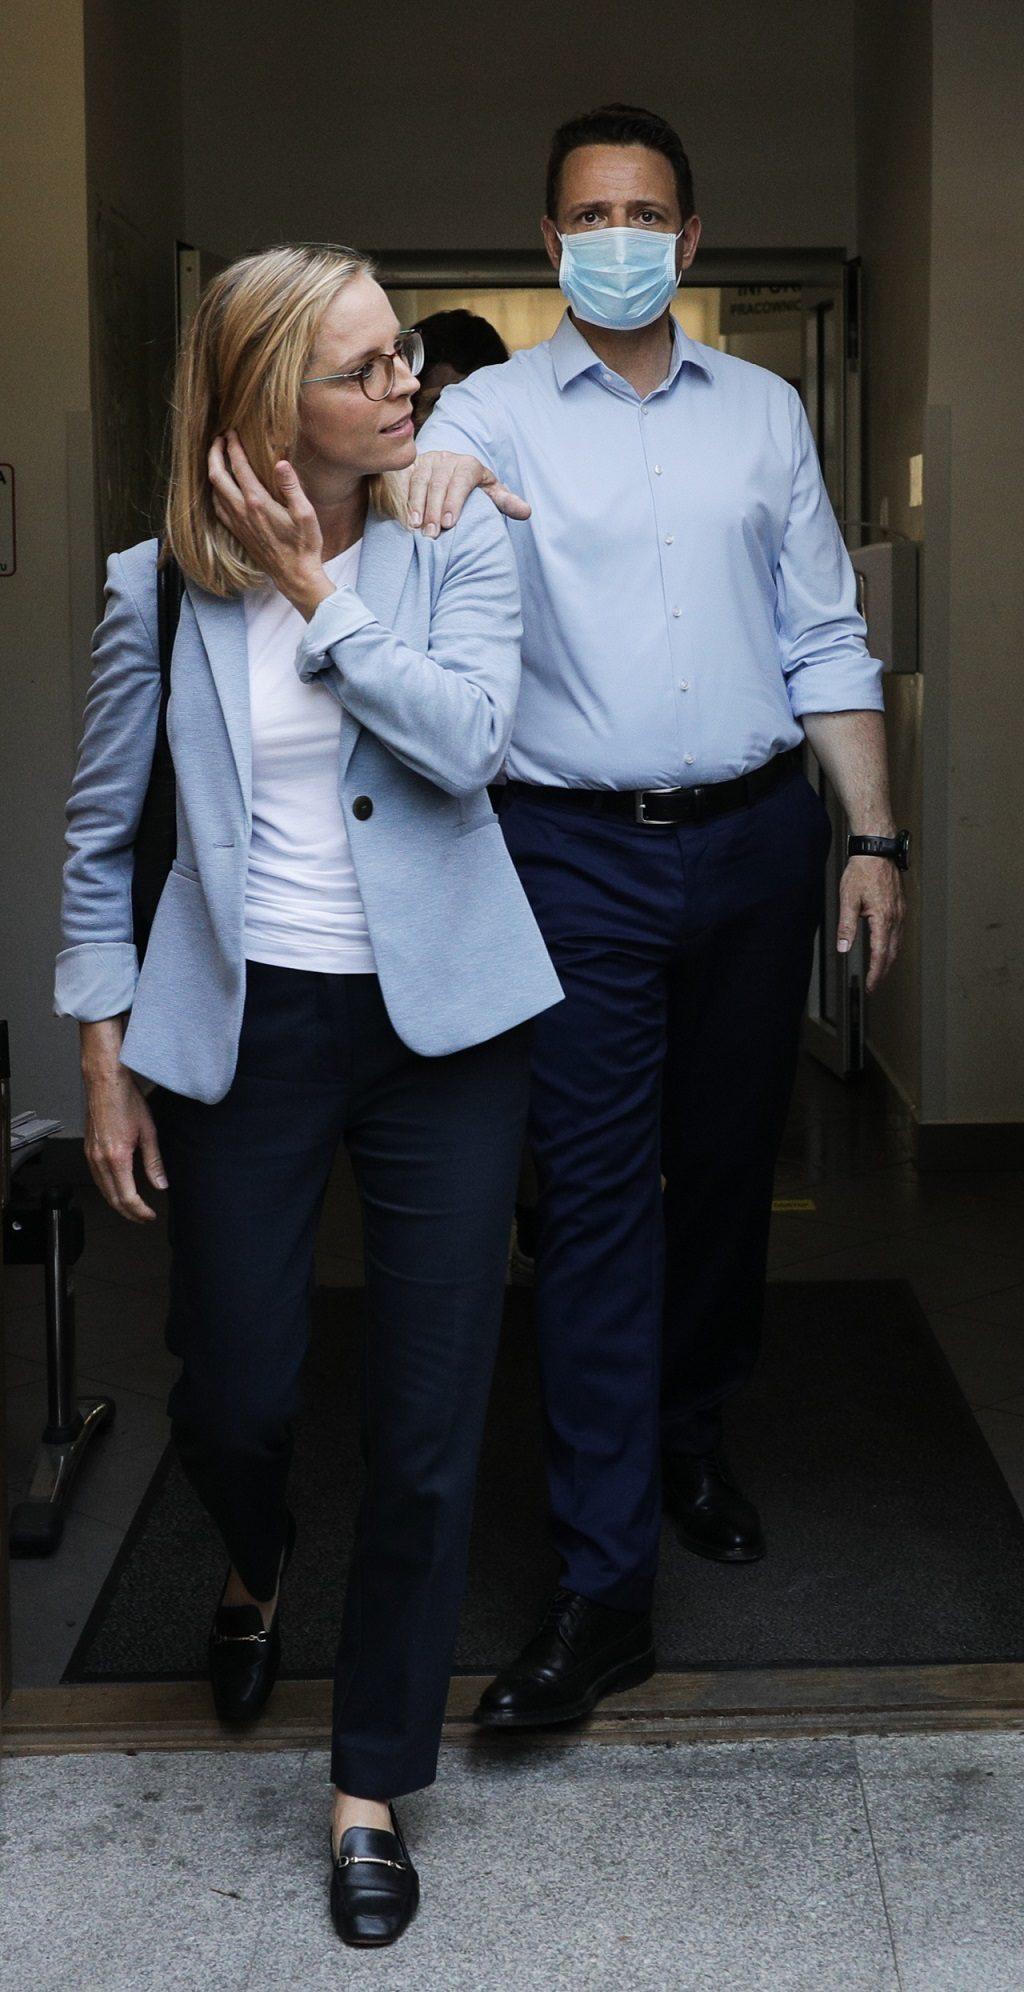 Rafał Trzaskowski z żoną Małgorzatą w dniu wyborów 2020. Poszli zagłosować.